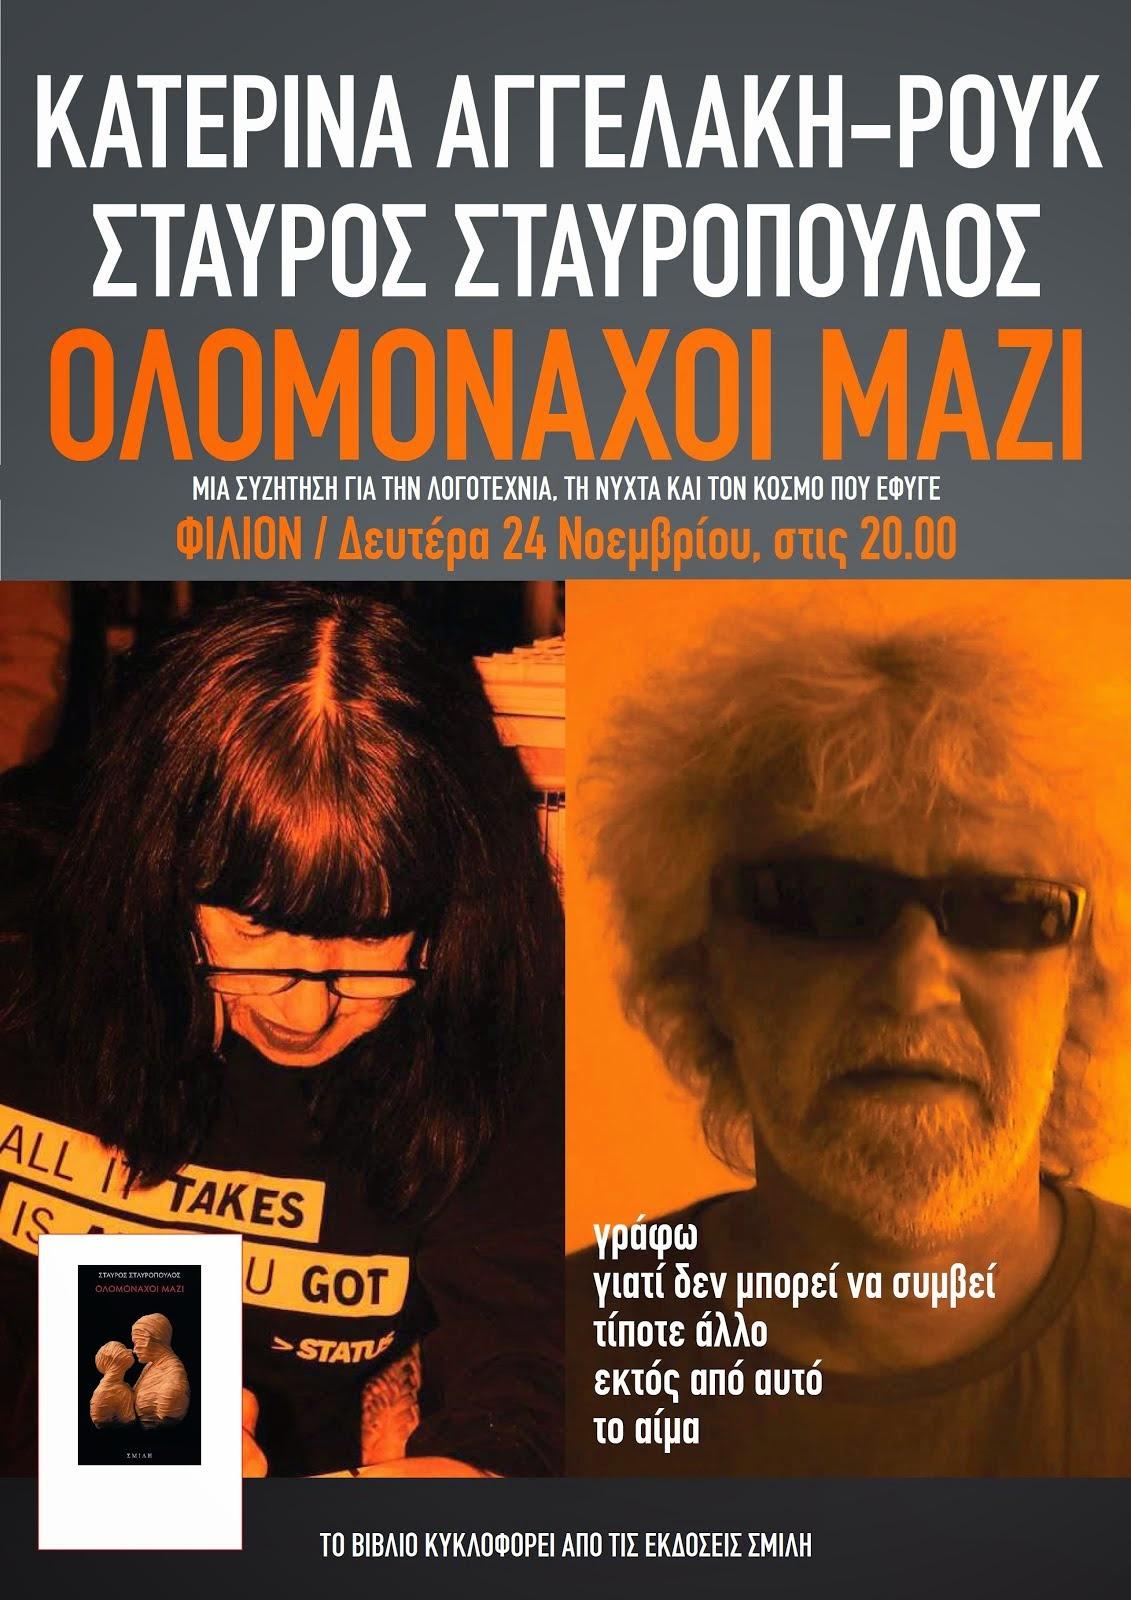 ΟΛΟΜΟΝΑΧΟΙ ΜΑΖΙ ΣΤΟ ΦΙΛΙΟΝ